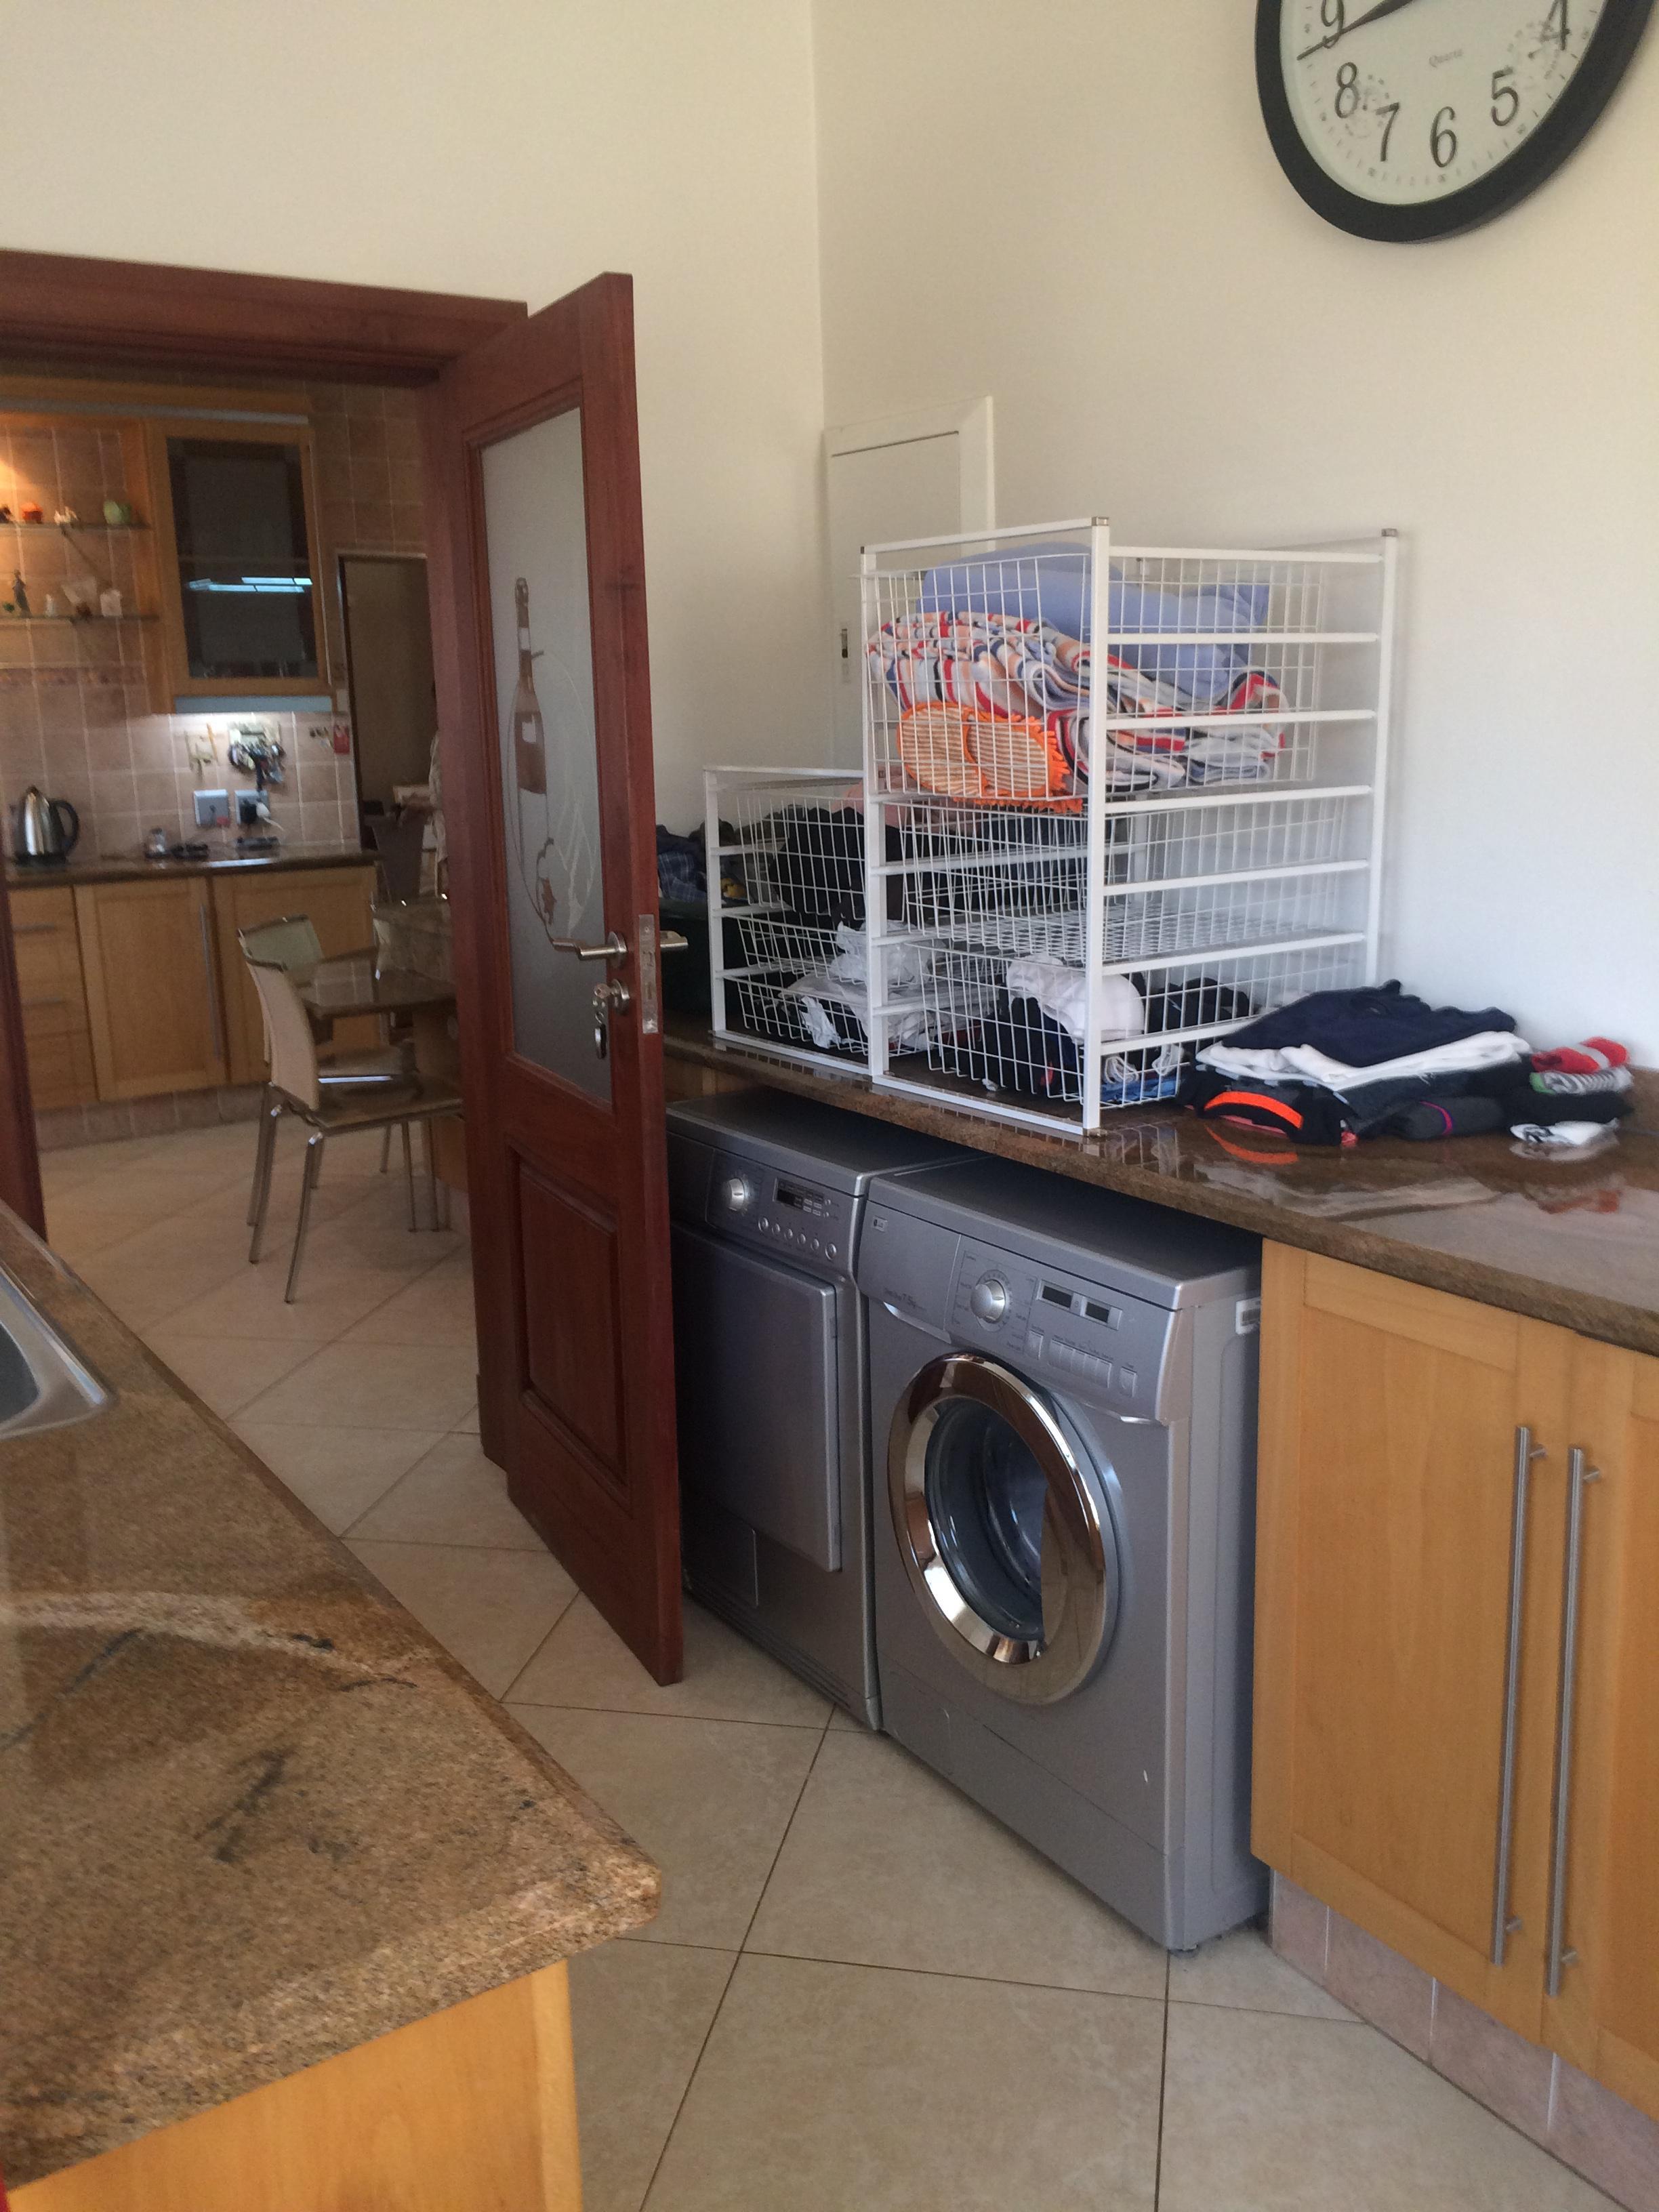 16 stanrich, Cyrildene johannesburg, Gauteng, 4 Bedrooms Bedrooms, ,3 BathroomsBathrooms,House,For sale,stanrich,1028